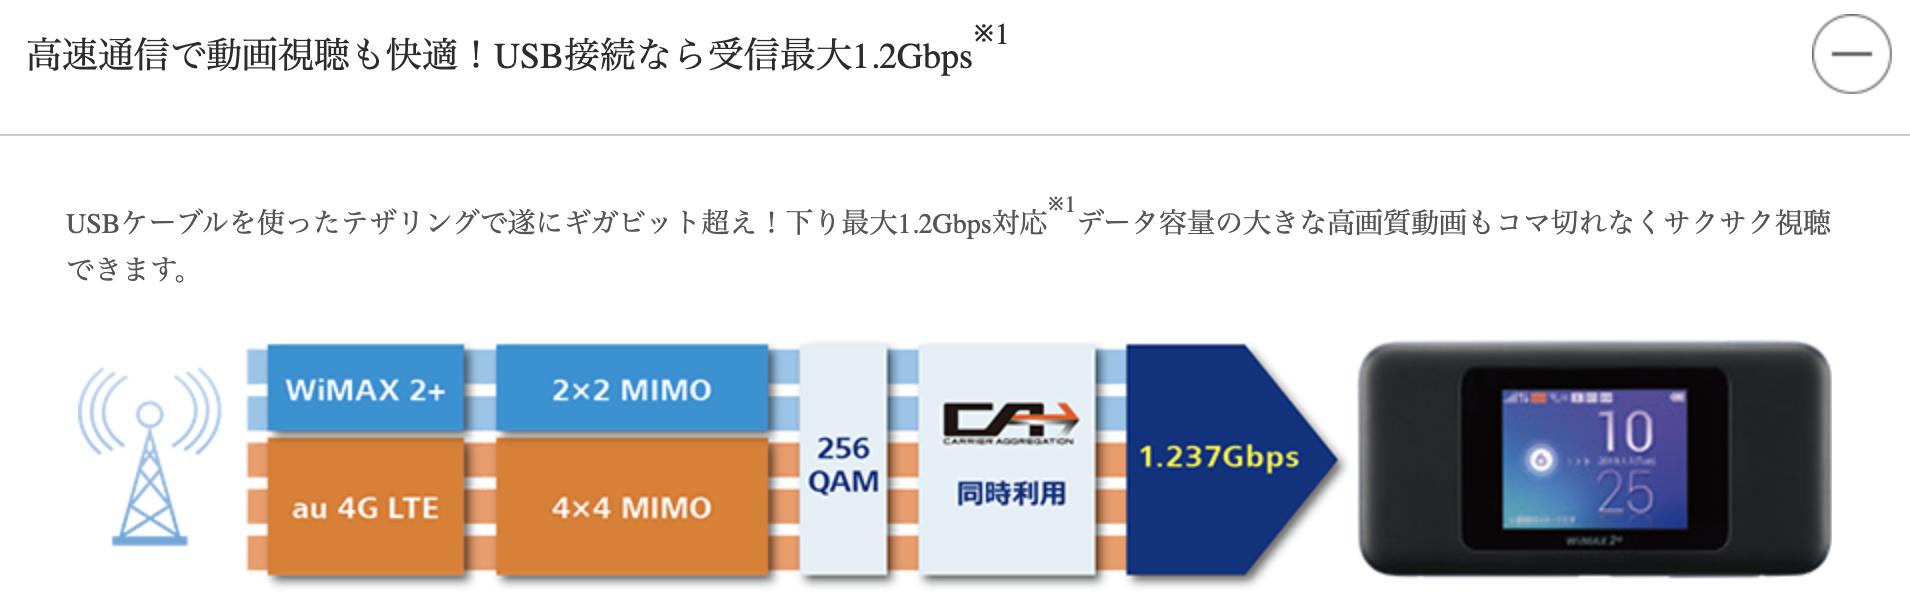 uq wimax w06 speed